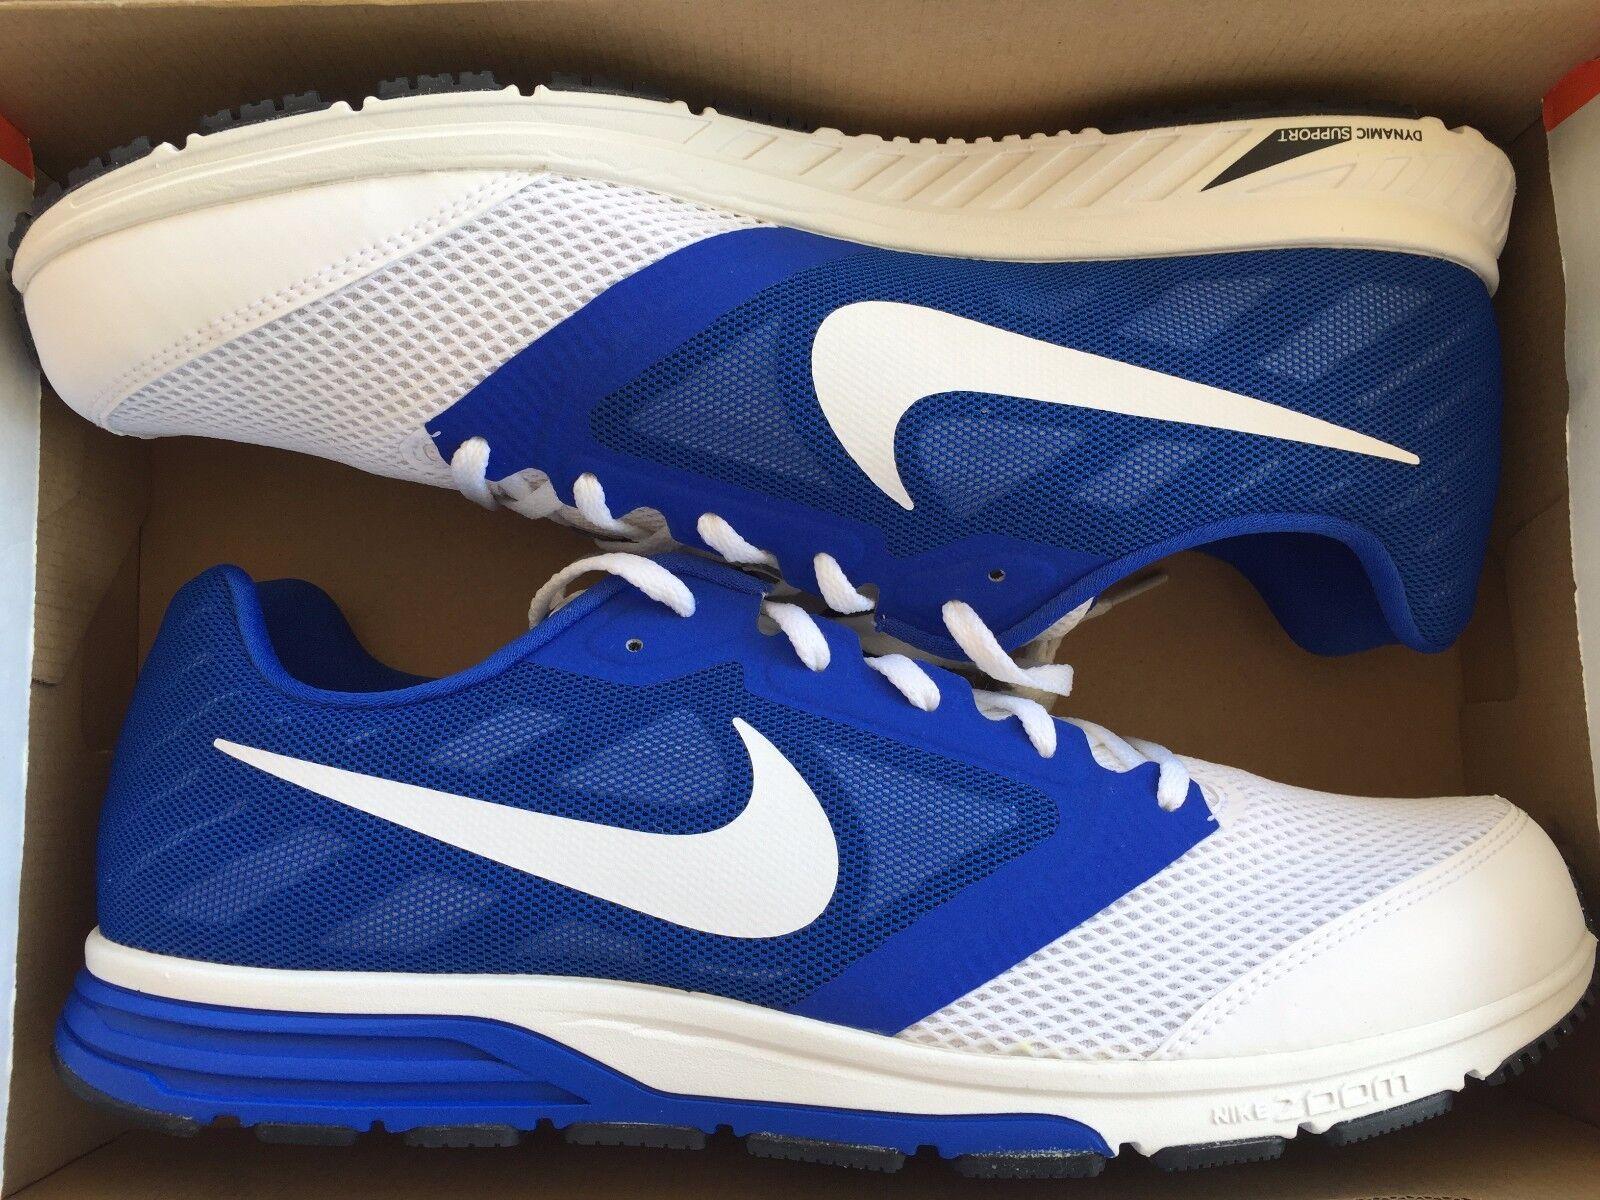 Para Fly Hombre Nike Zoom Fly Para equipo zapatos Blanco Juego Real 652828 142 af1d68